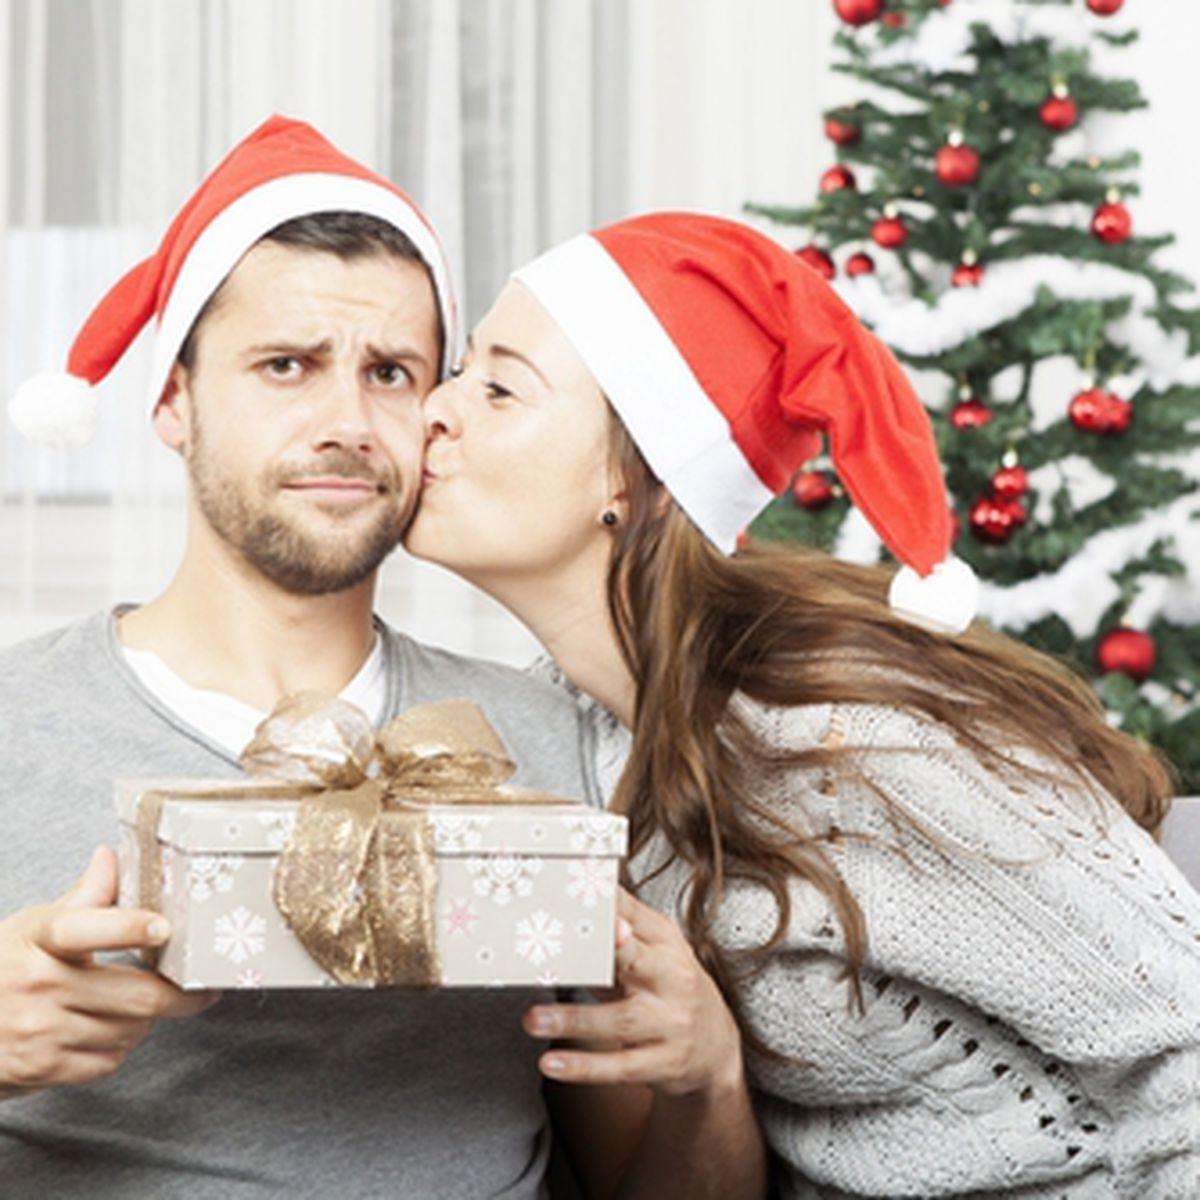 Regali Di Natale Originali Per Fidanzato.Cosa Regalare A Natale Al Fidanzato Idee 2019 Per Lui Studentville